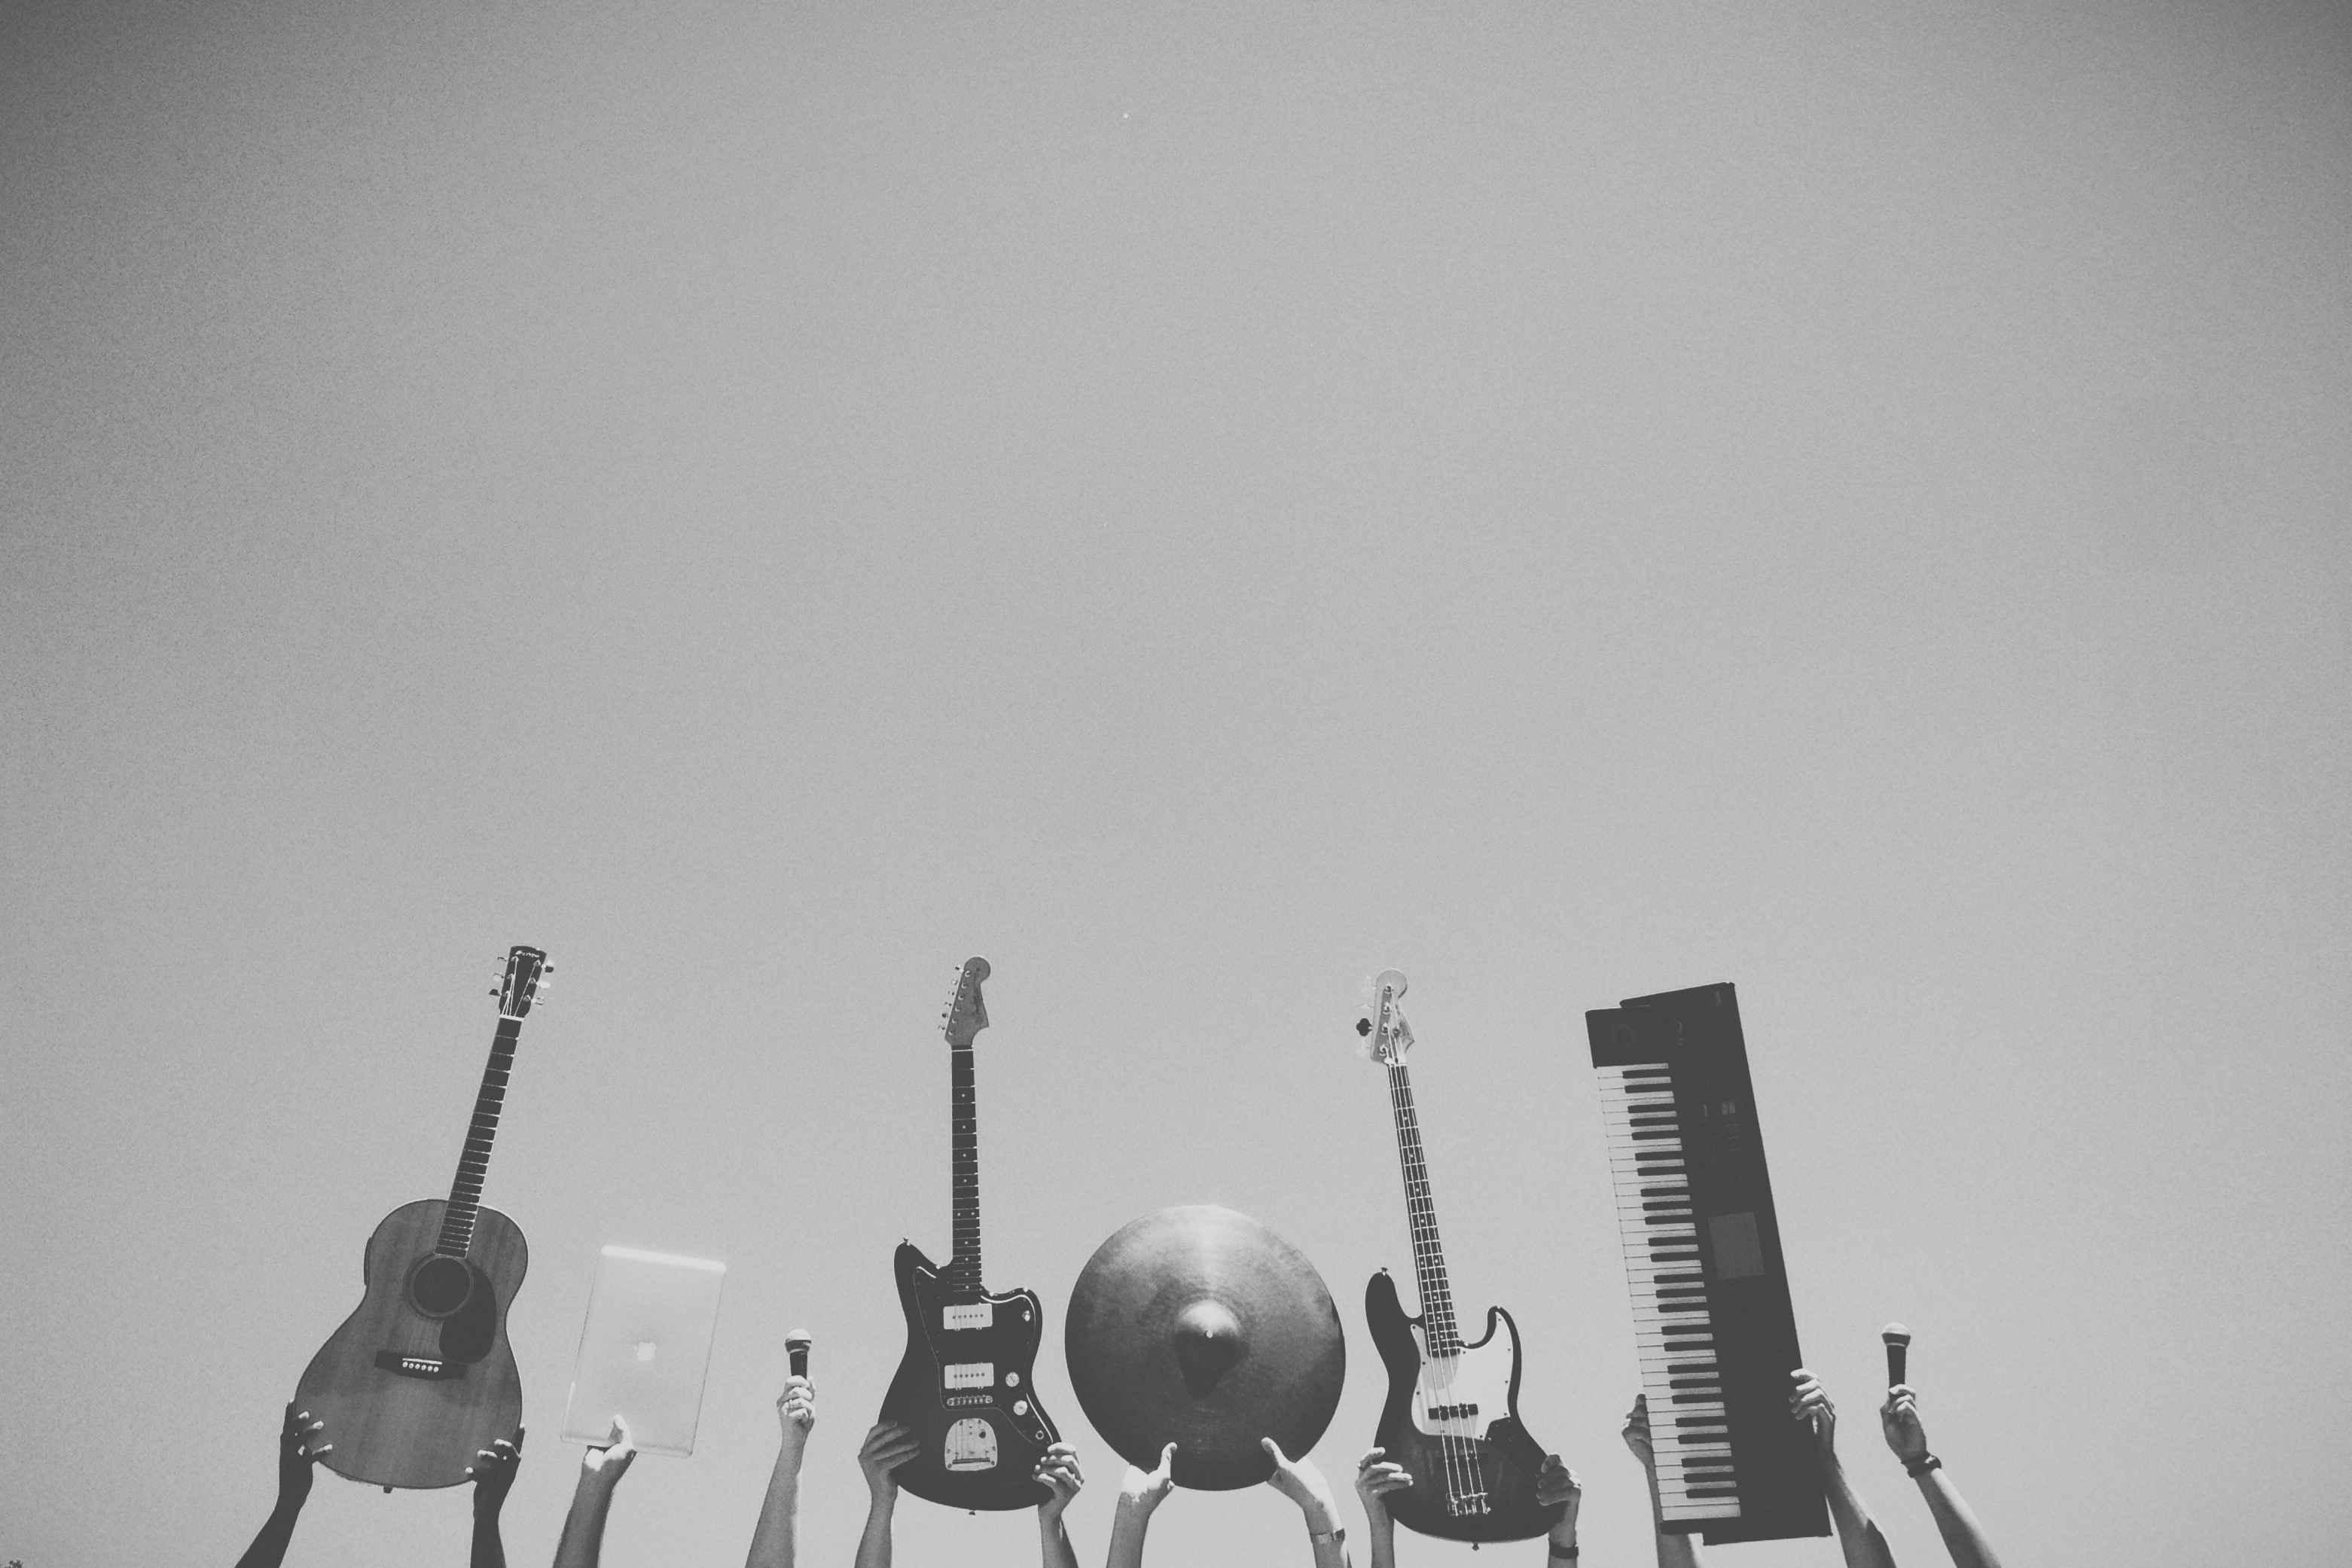 نفسهای تنگ موسیقی در اوایل انقلاب (درباره مستند بزم رزم)